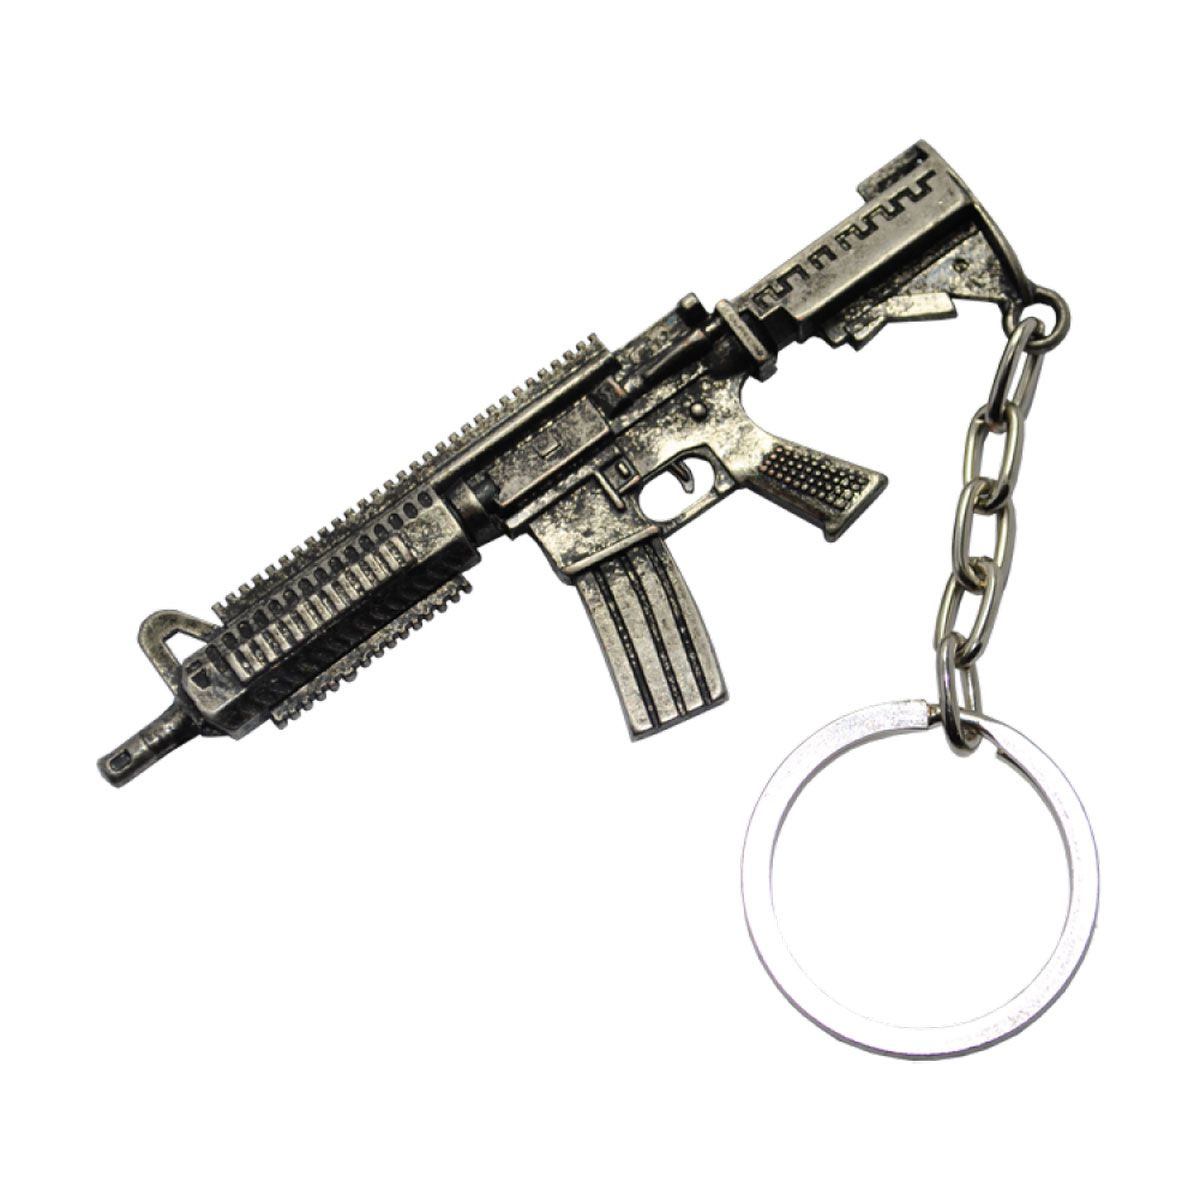 CHAVEIRO METAL HK53 19-CROMADO